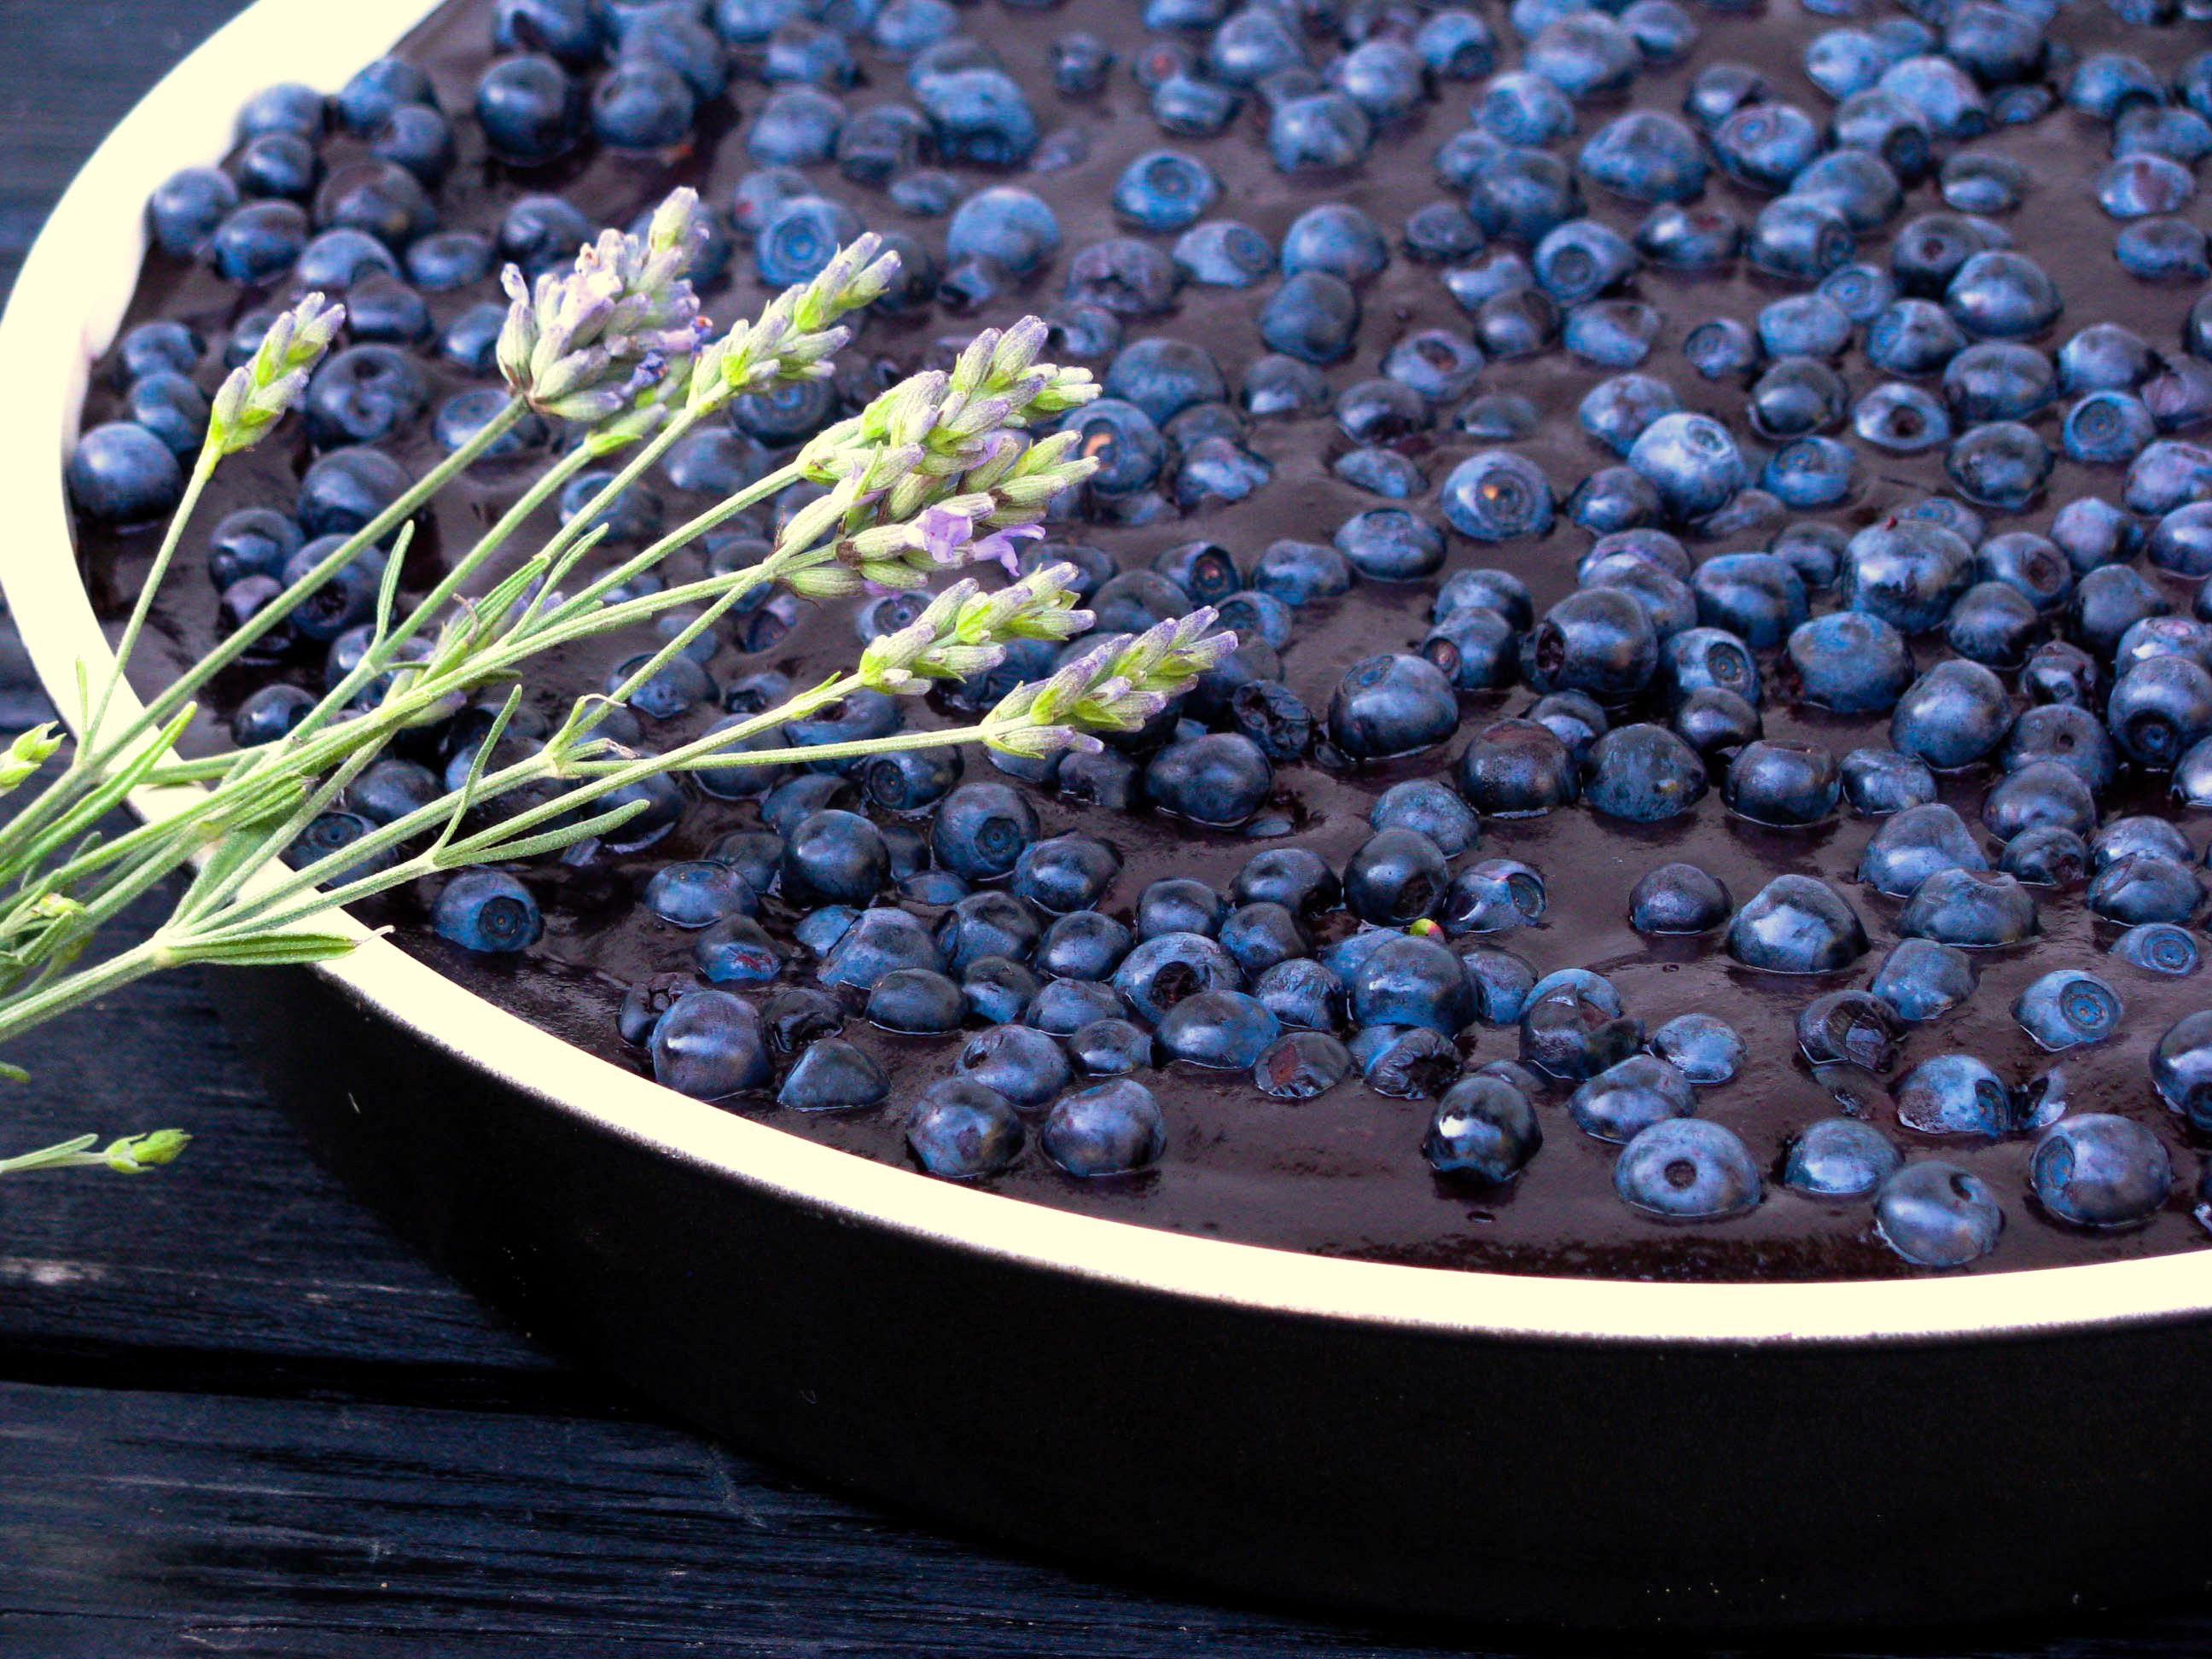 Julka's blueberry pie